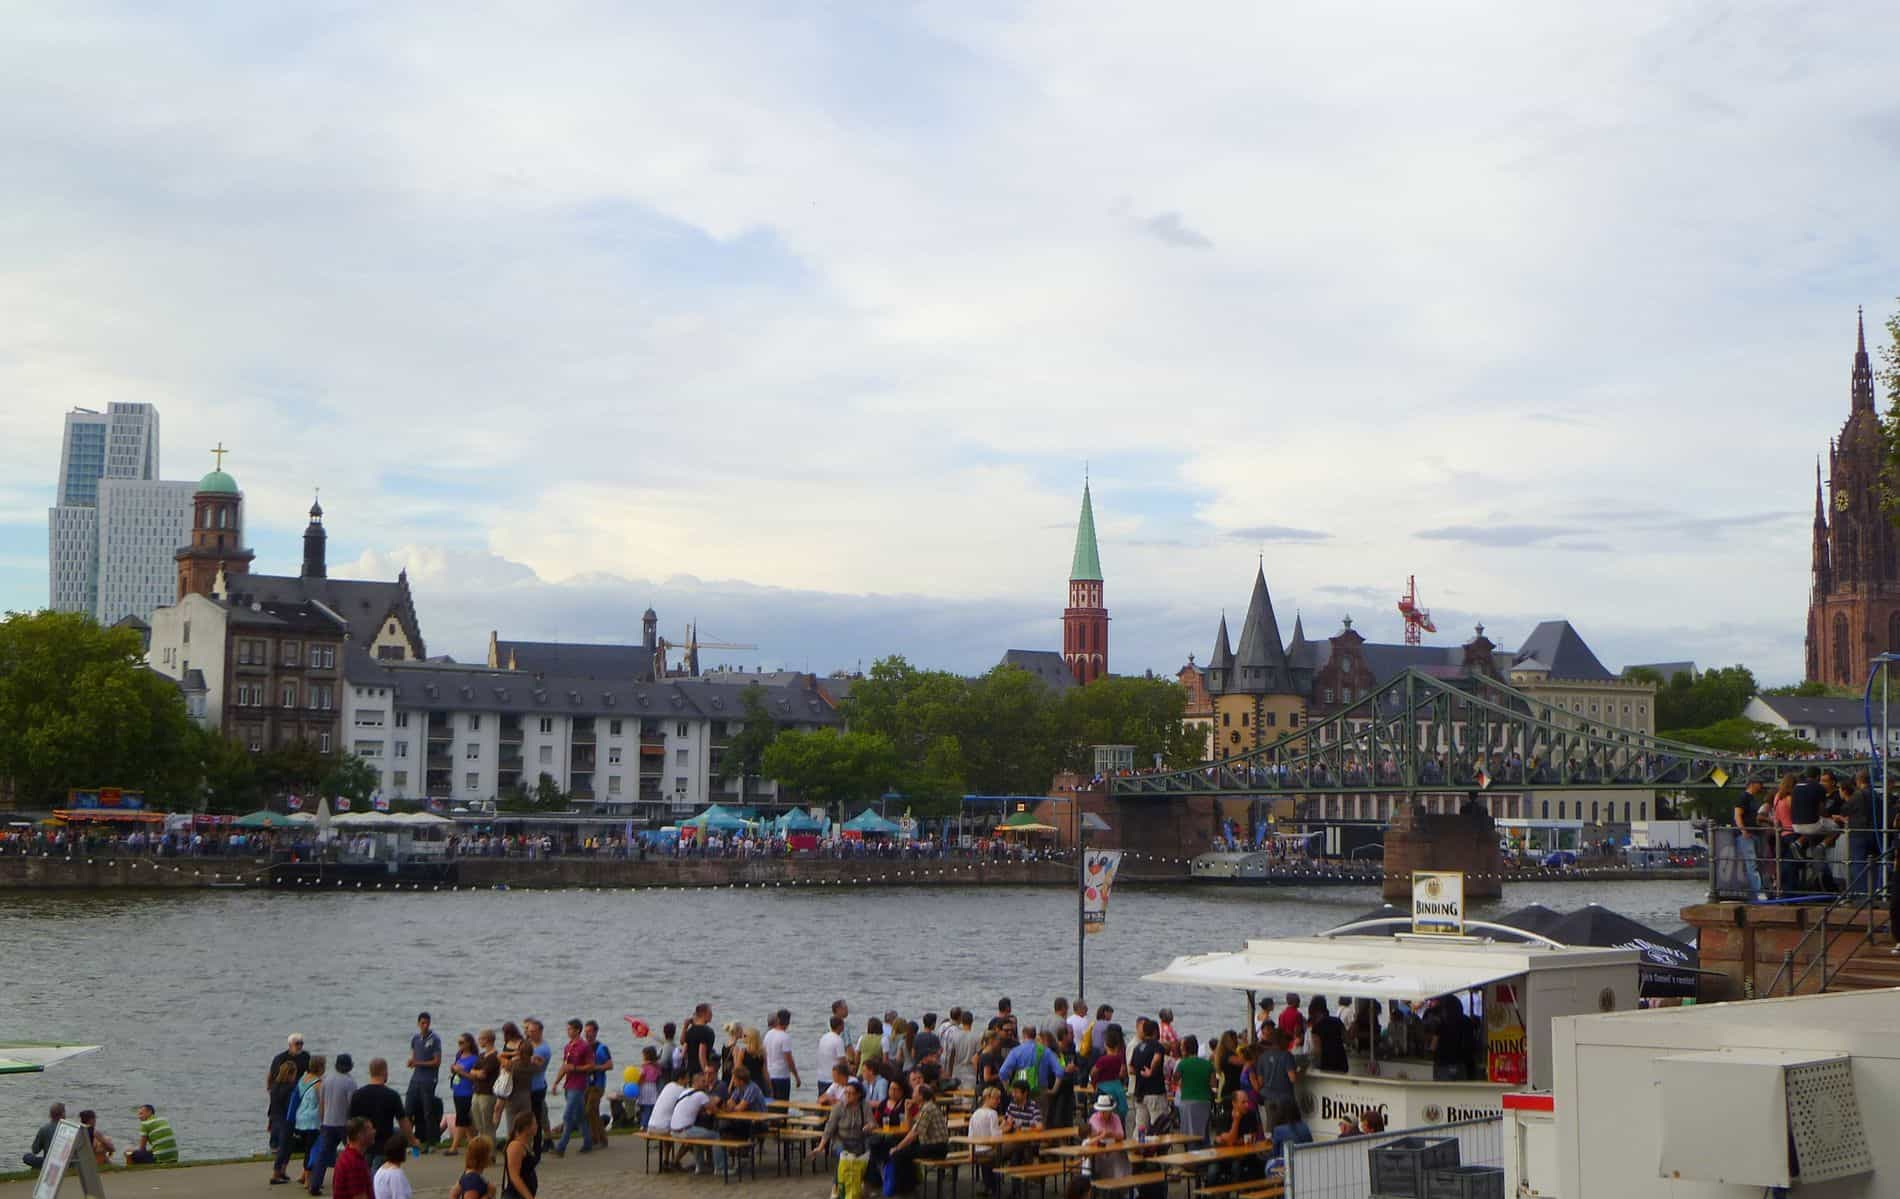 Museumsuferfest, la festa dei musei di Francoforte